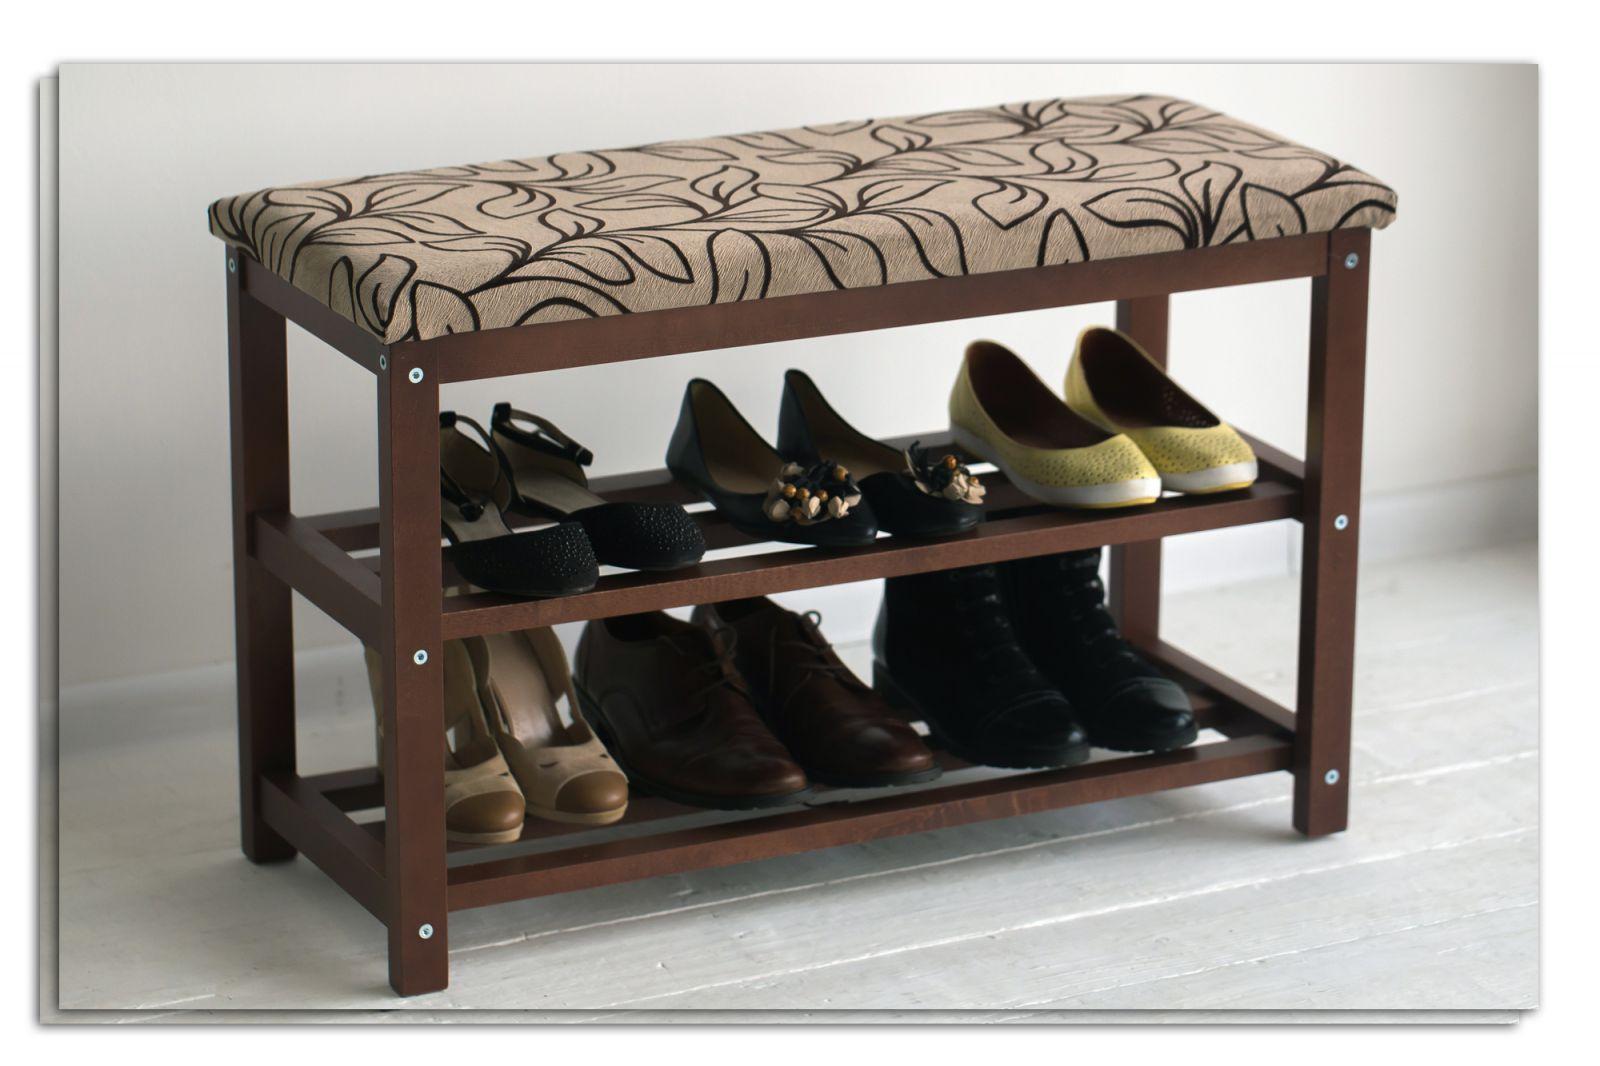 фото скамейки с обувными отделениями